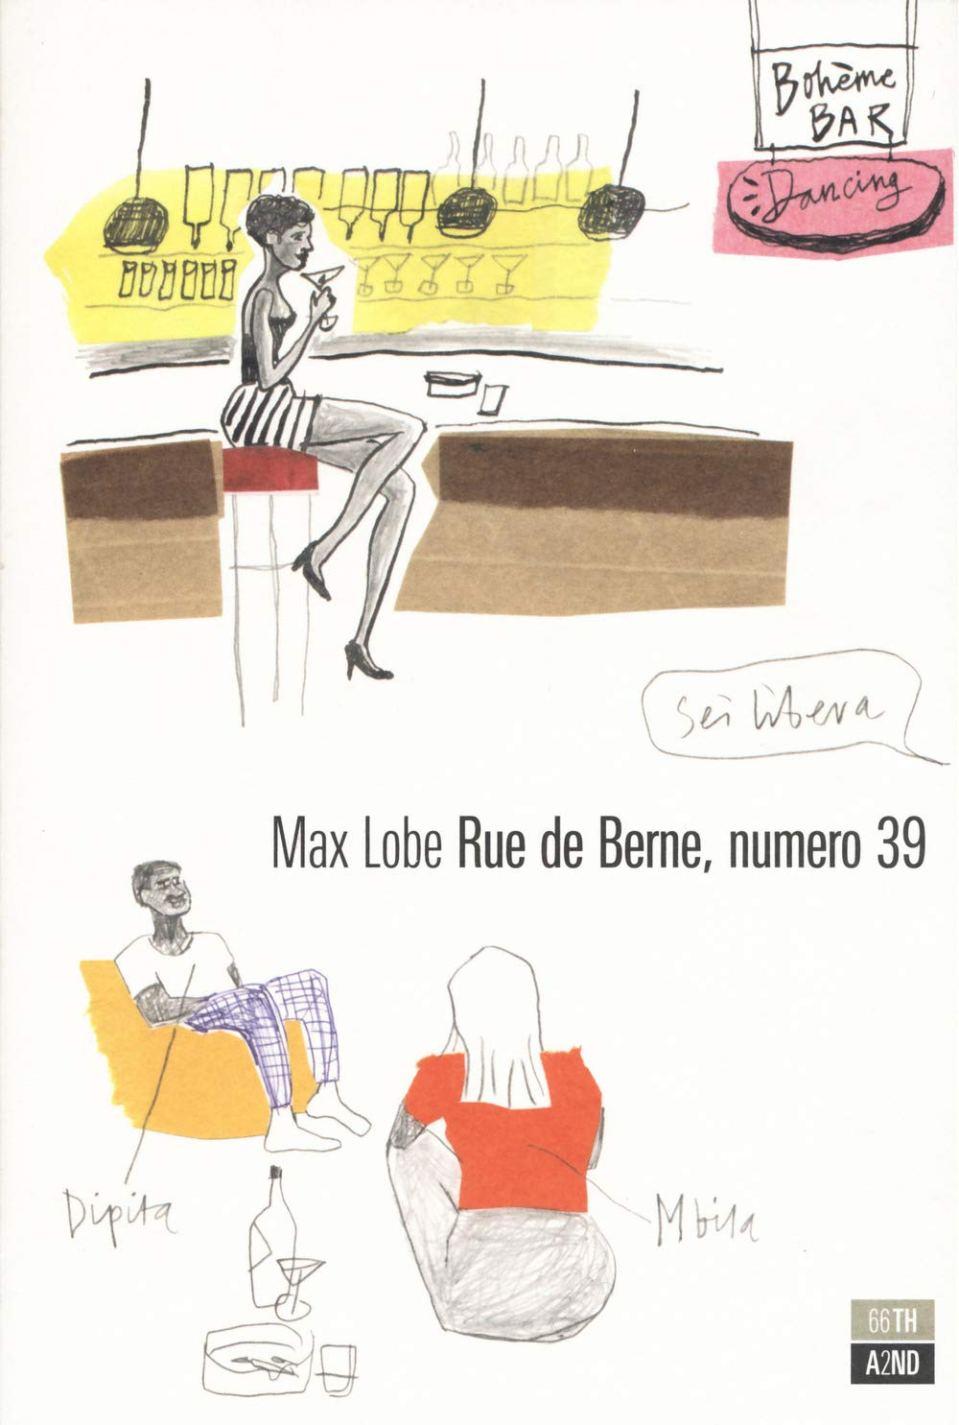 RUE de BERNE, numero 39 Book Cover